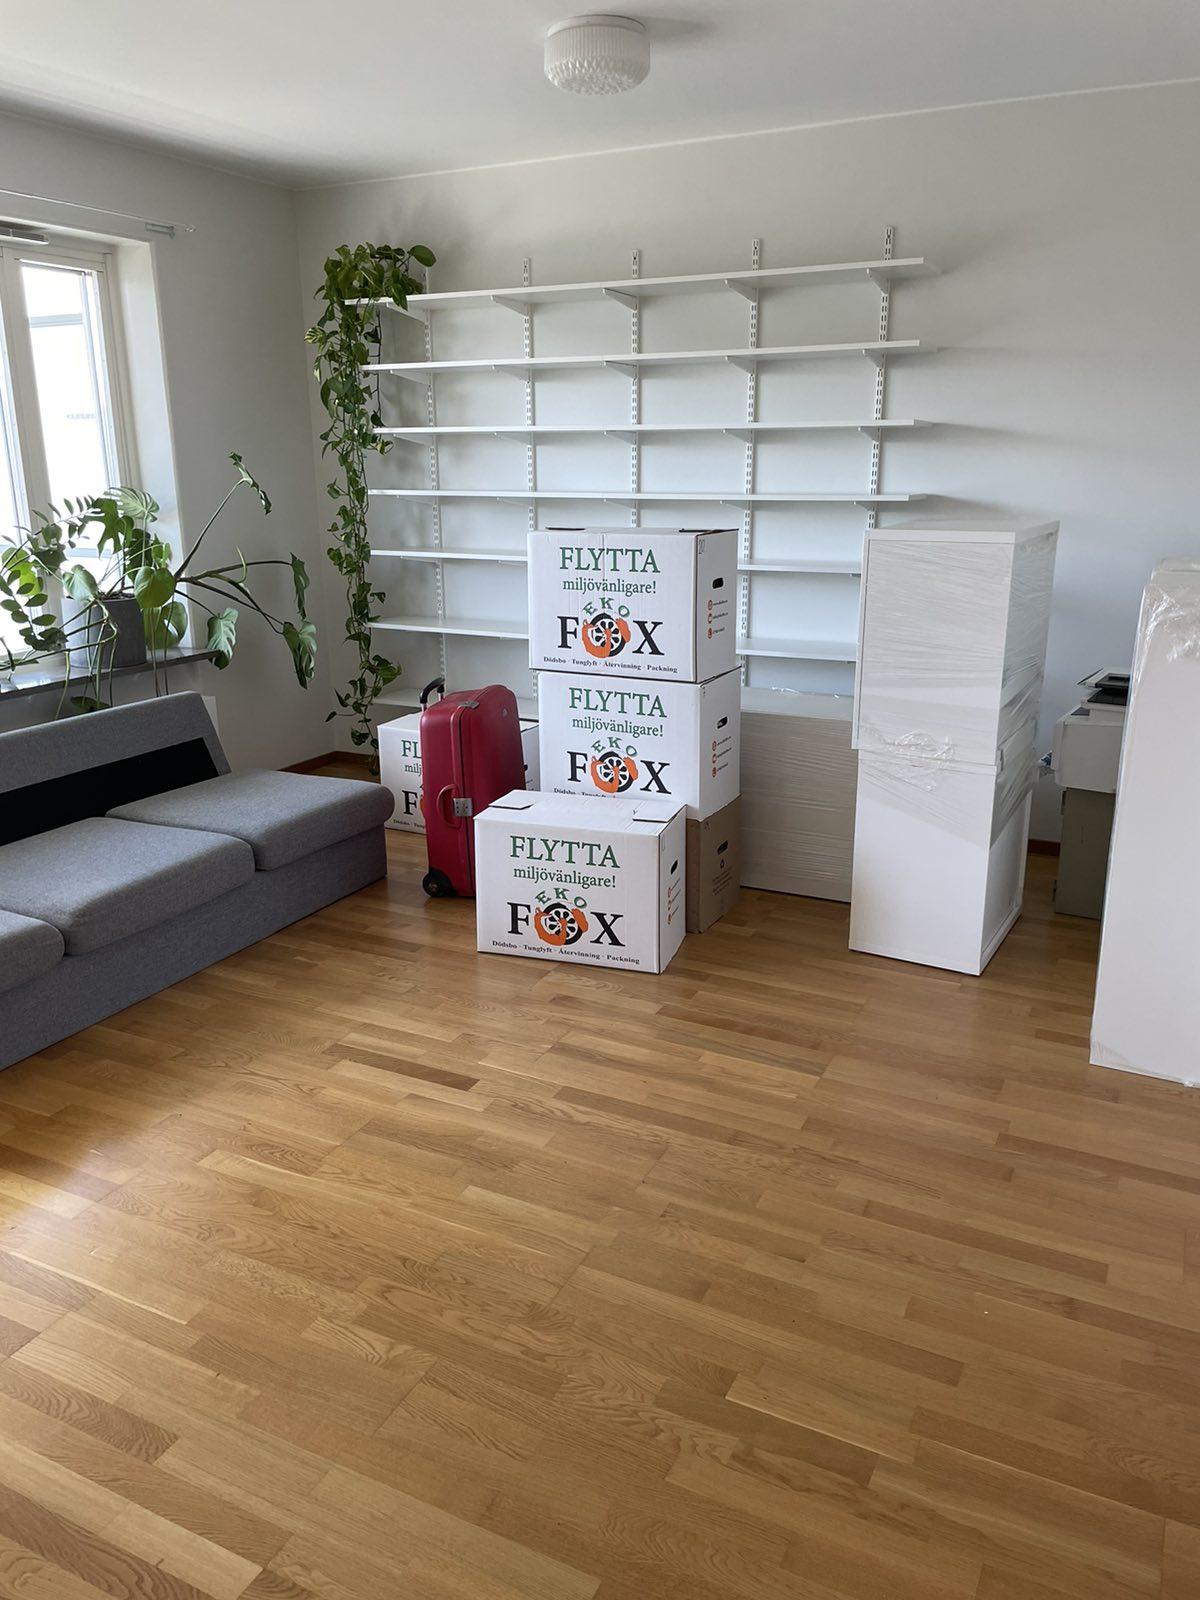 Flyttfirma Ekofox i Stockholm - Flyttkartonger